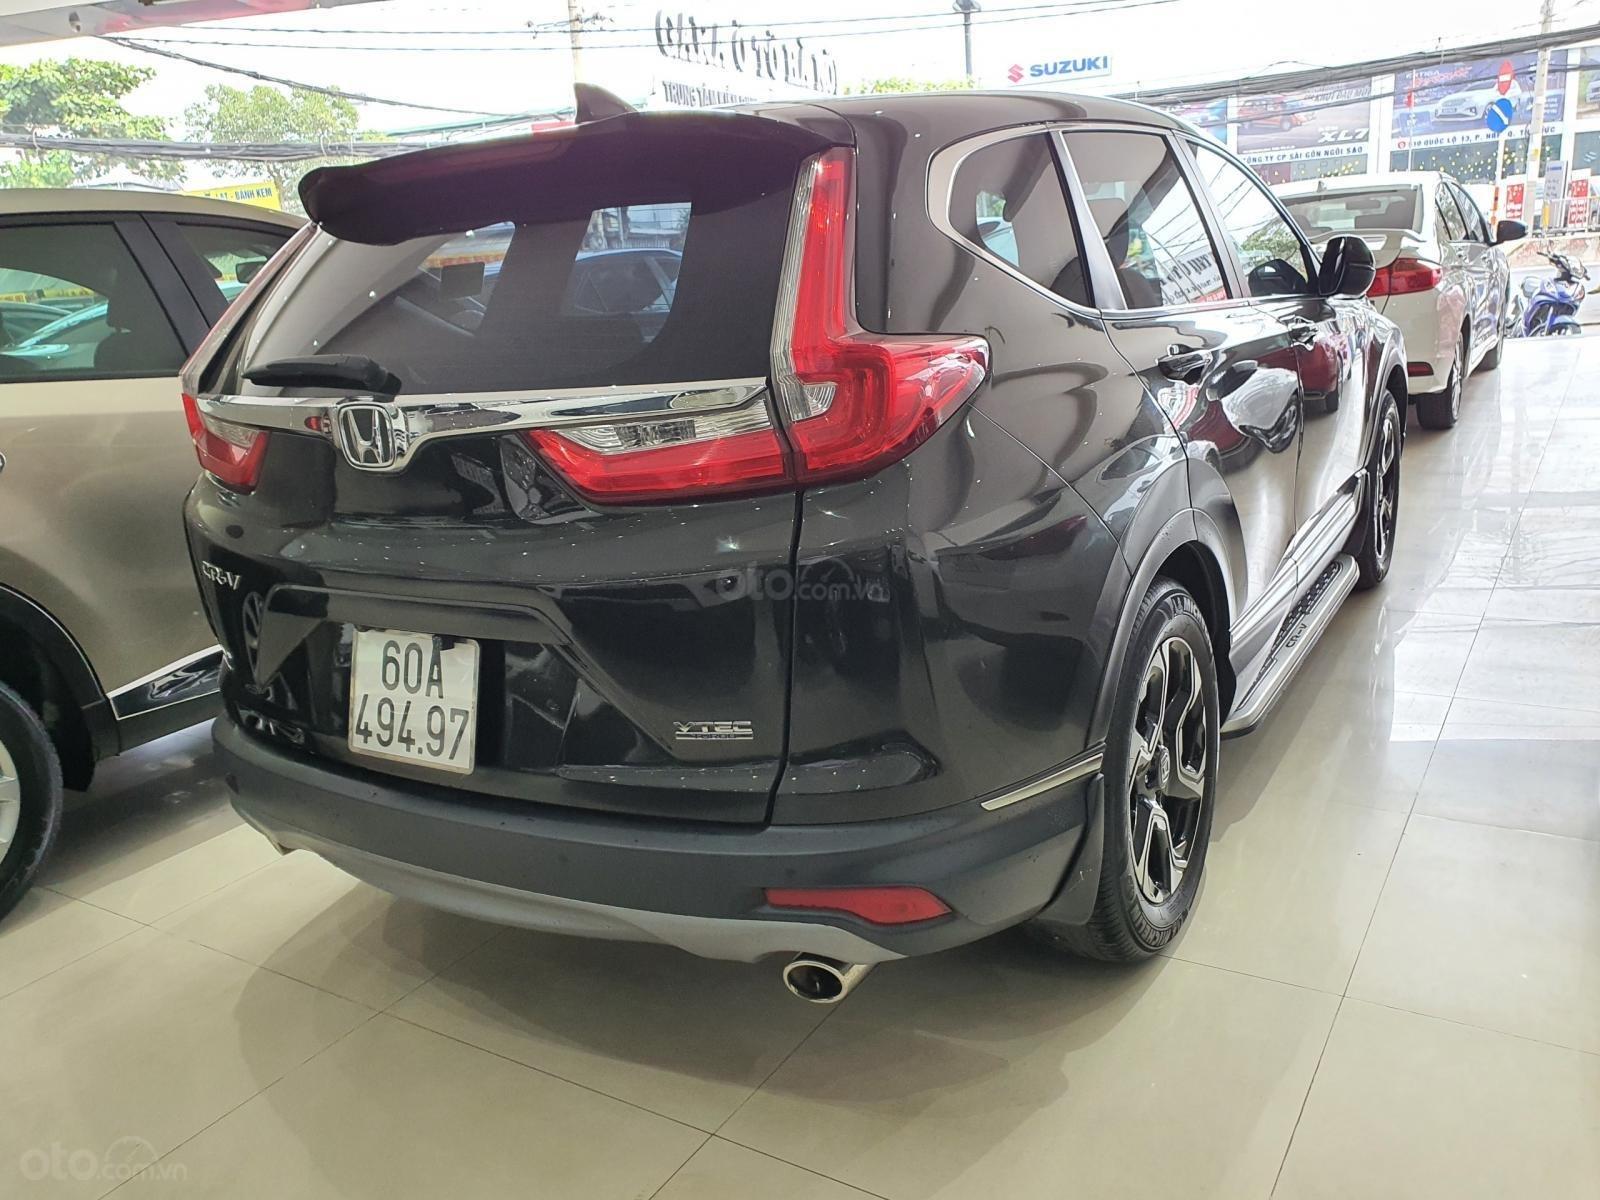 Bán xe Honda CR V sản xuất 2018, giá chỉ 960 triệu, xe siêu đẹp (5)